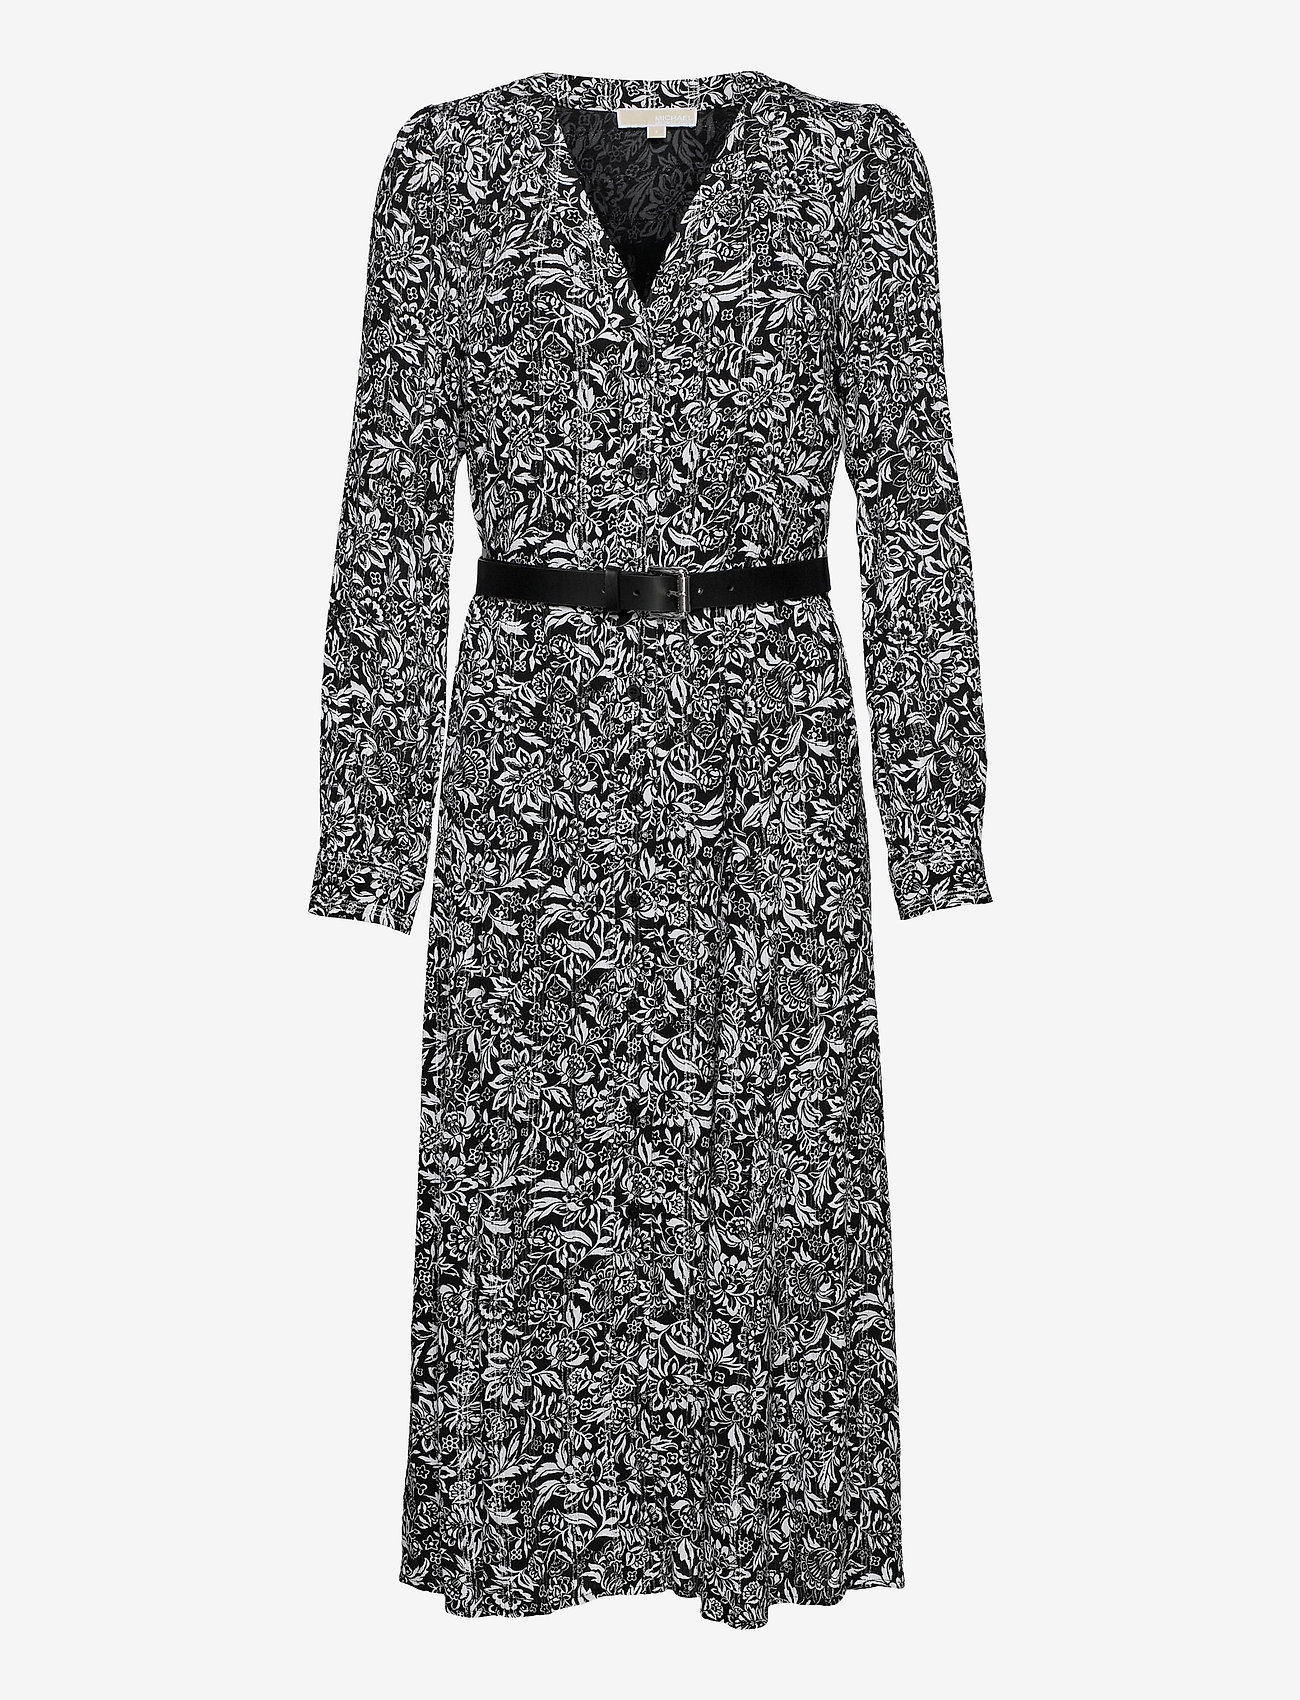 Michael Kors - FLORAL KATE DS - alledaagse jurken - black/white - 0